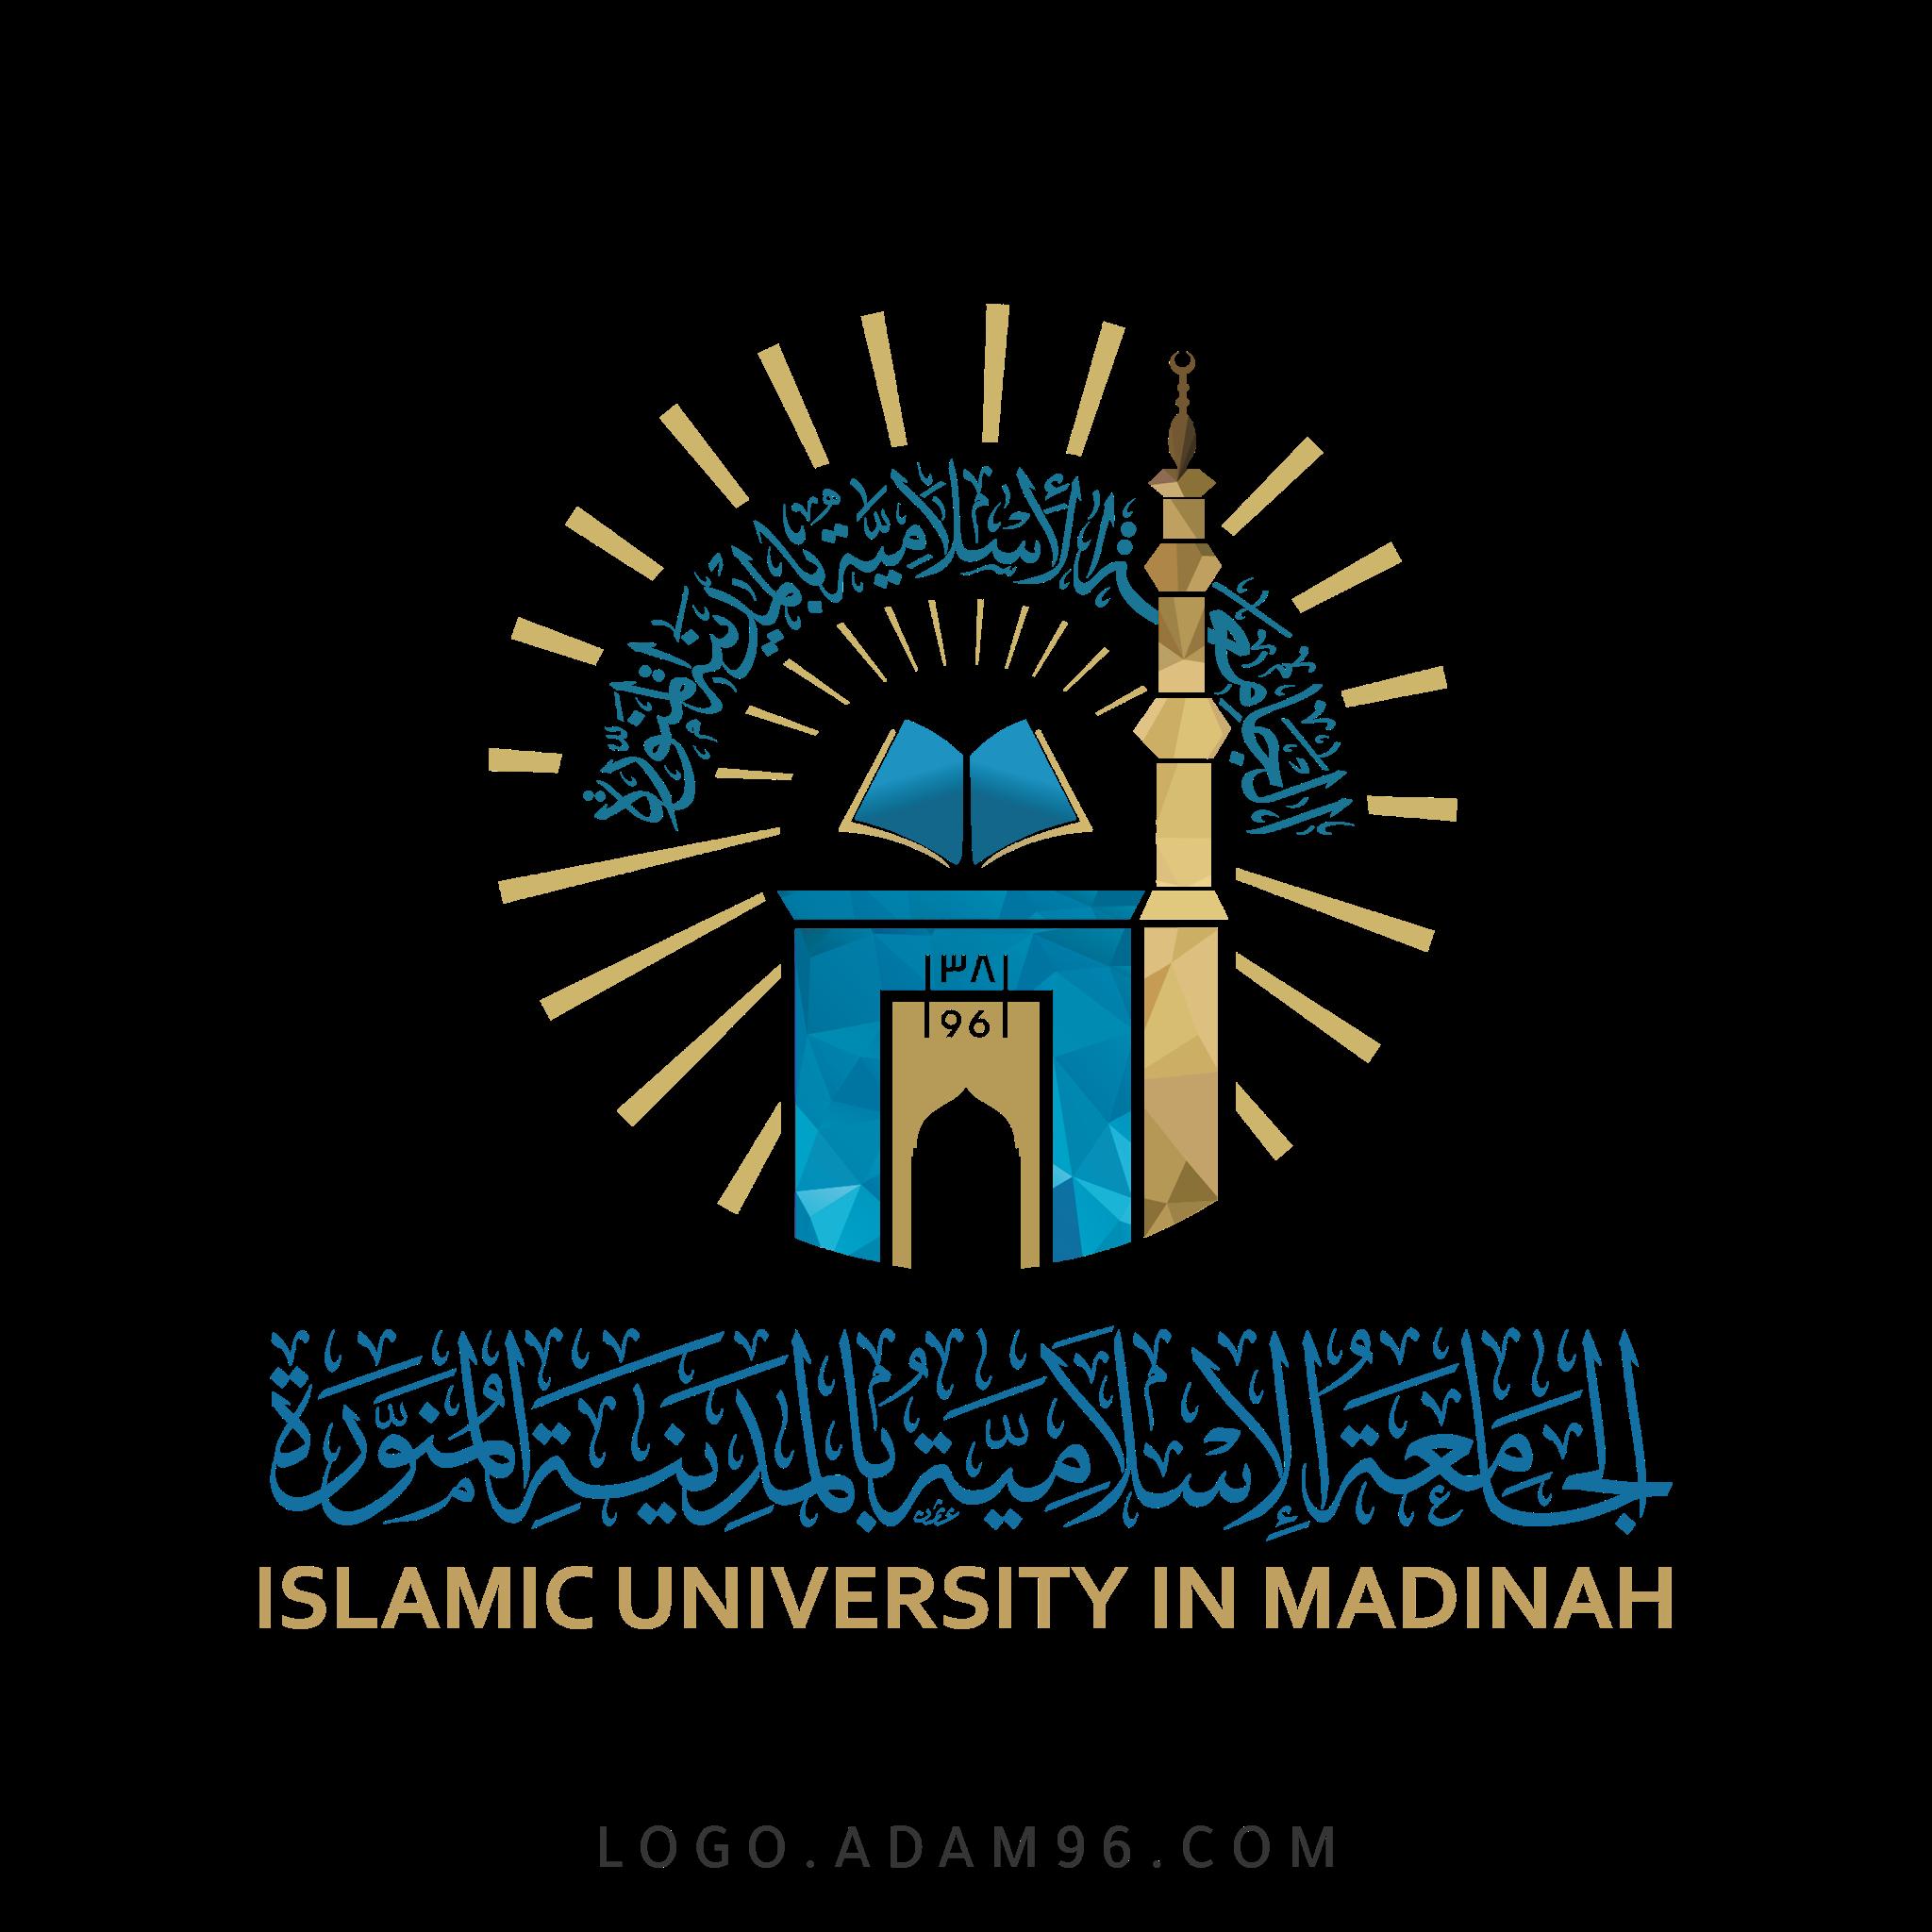 تحميل شعار الجامعة الإسلامية - السعودية الرسمي لوجو عالي الجودة بصيغة PNG